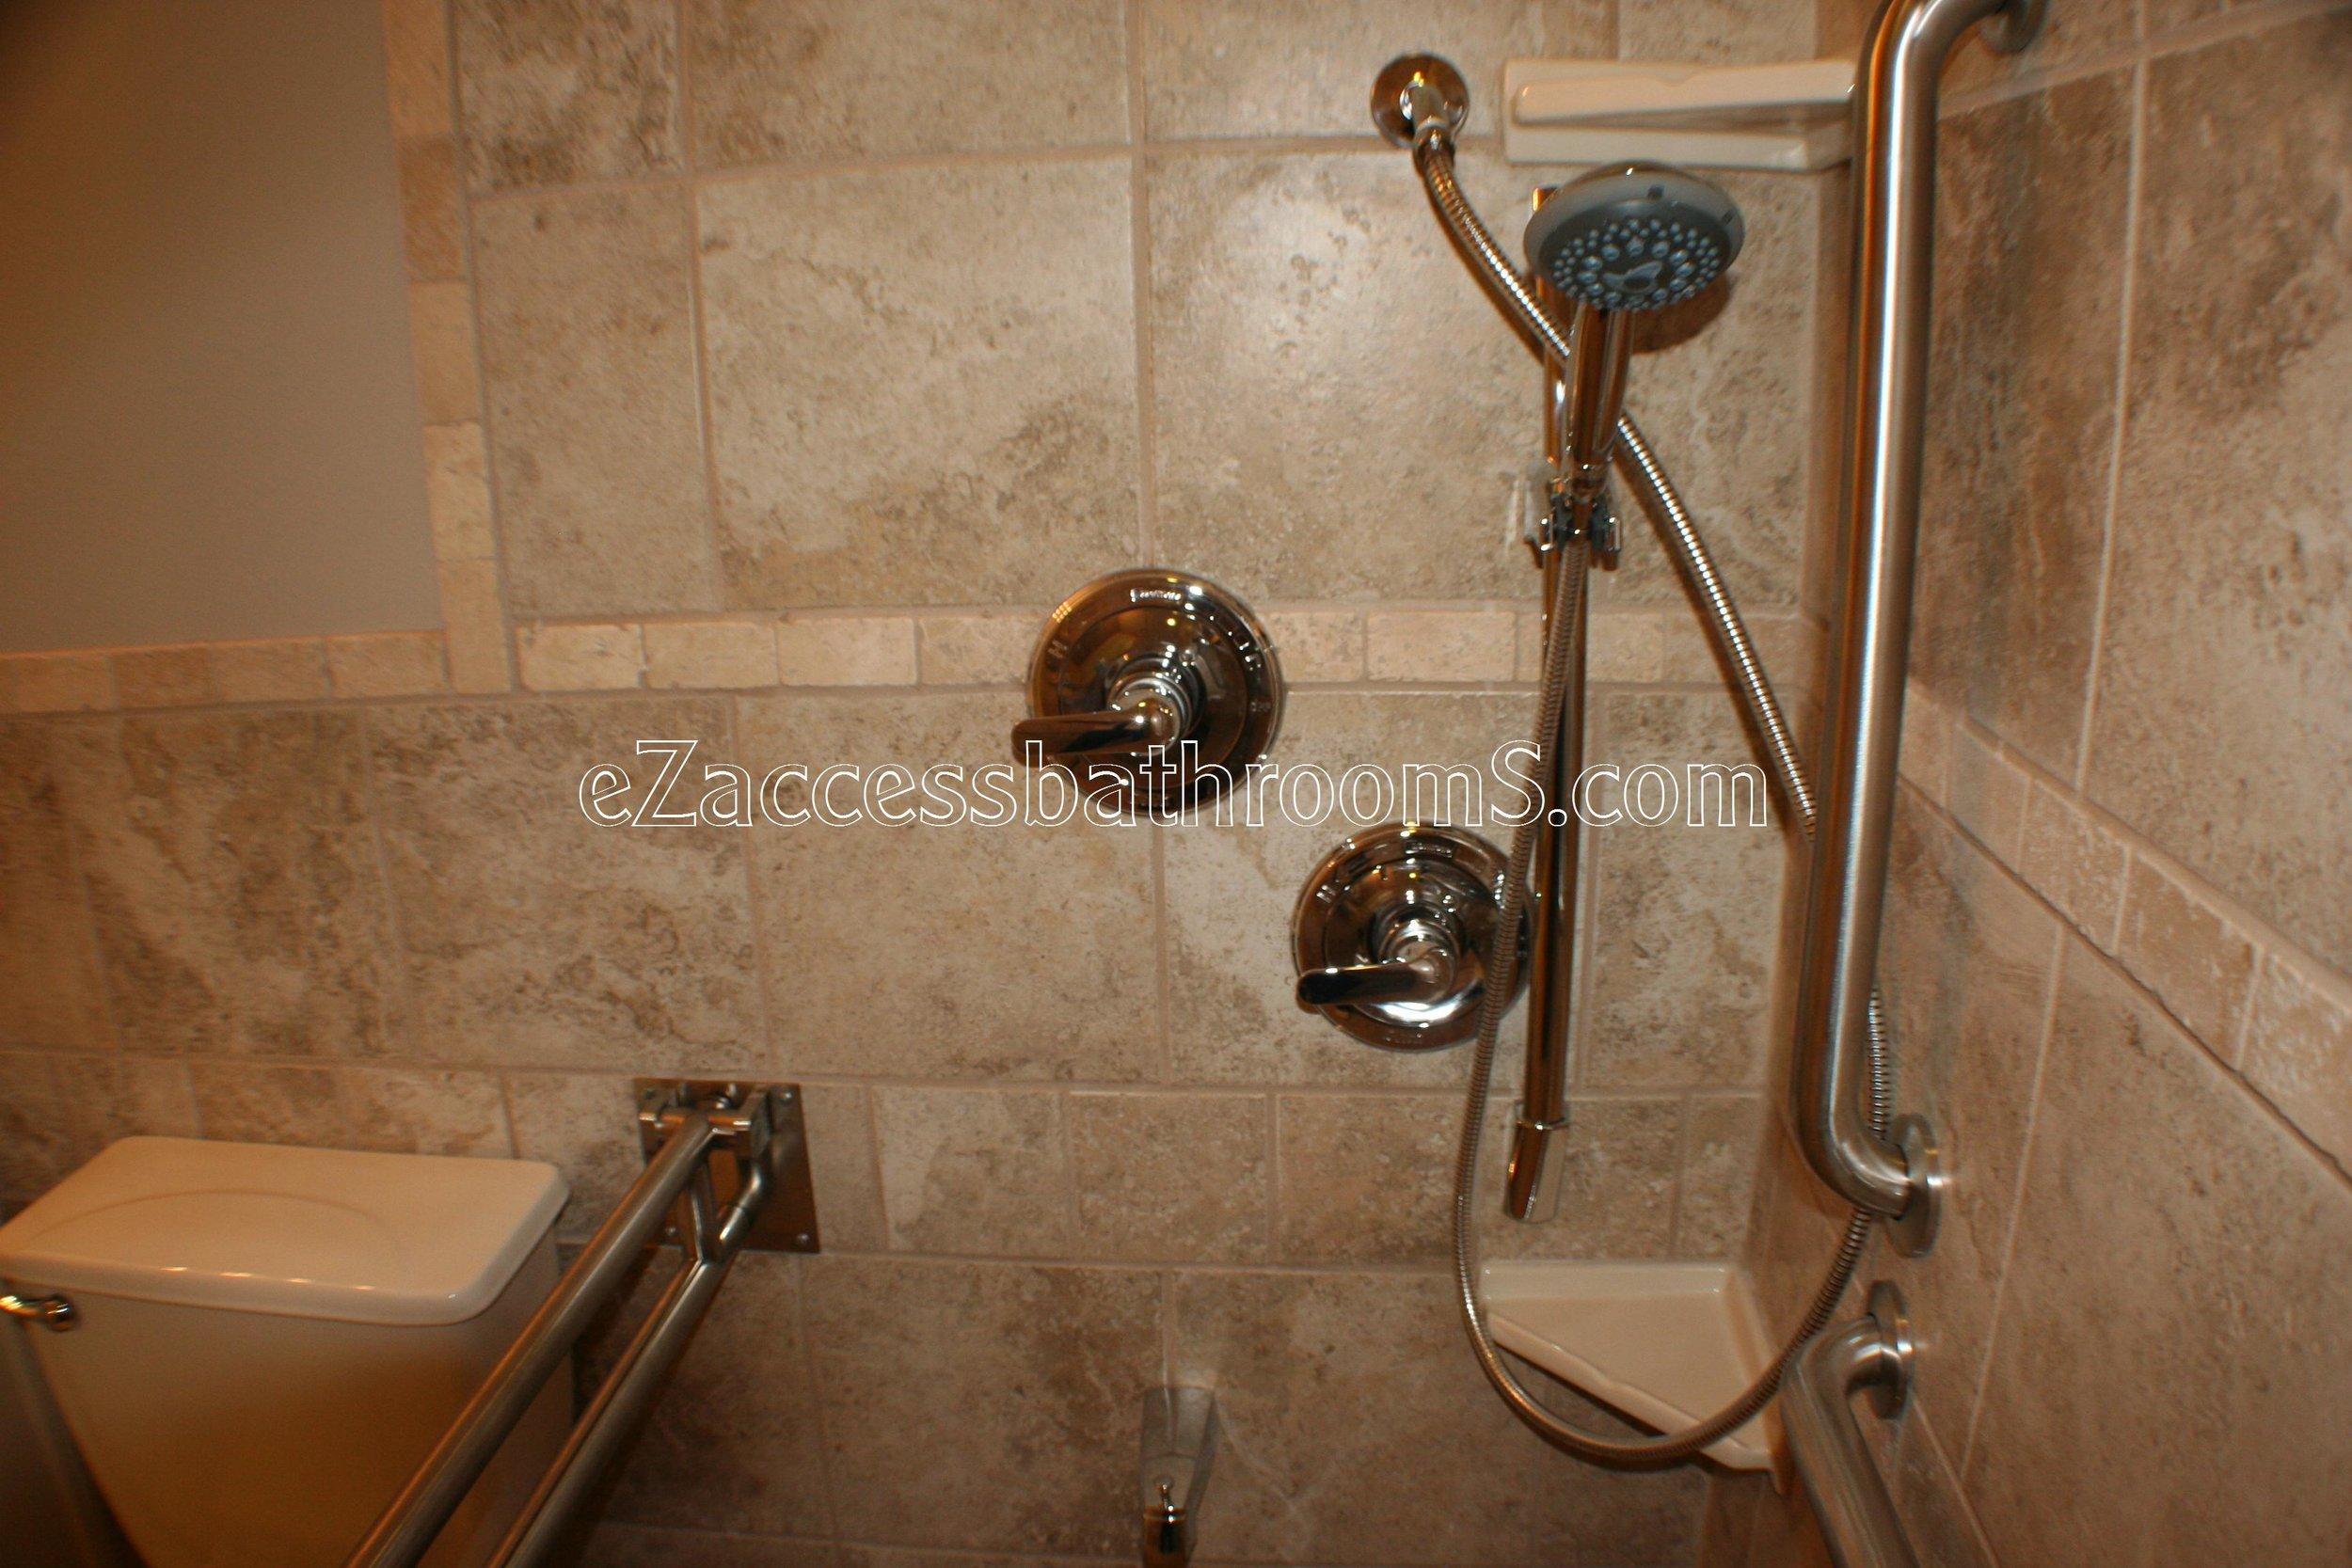 handicap bathroom 01 ezacessbathrooms.com 014.jpg